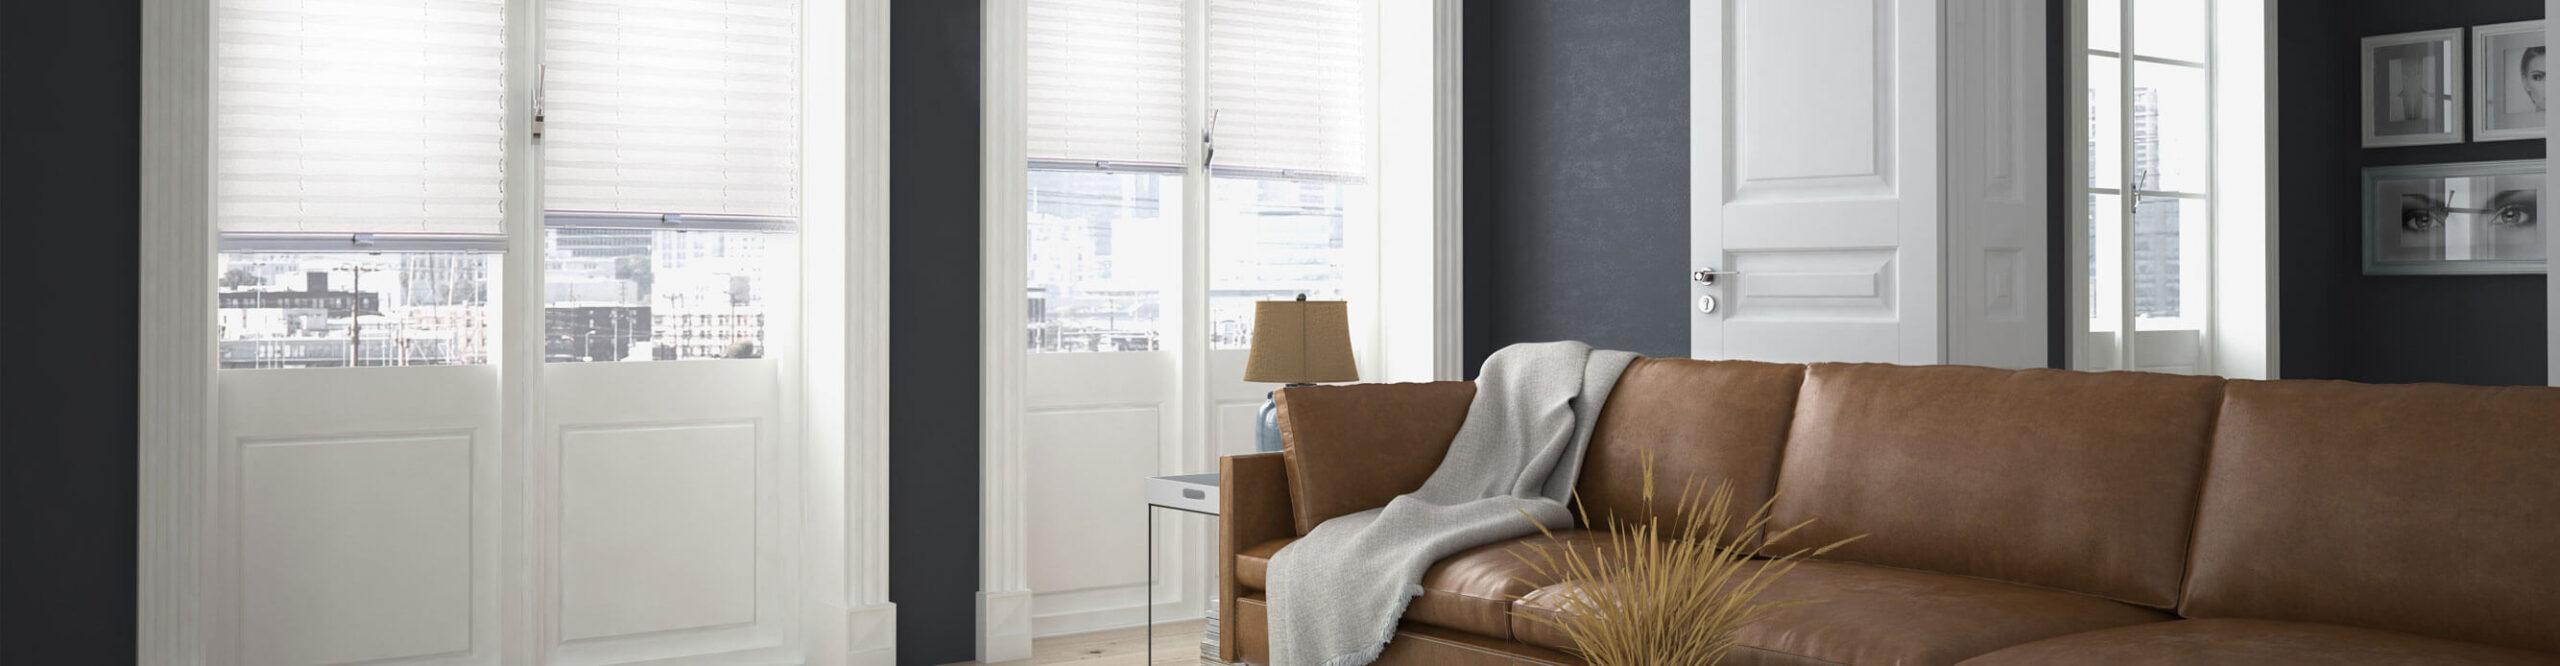 Full Size of Plissee Online Kaufen Groe Auswahl Gnstig Schnell Fenster Regale Kinderzimmer Regal Weiß Sofa Kinderzimmer Plissee Kinderzimmer